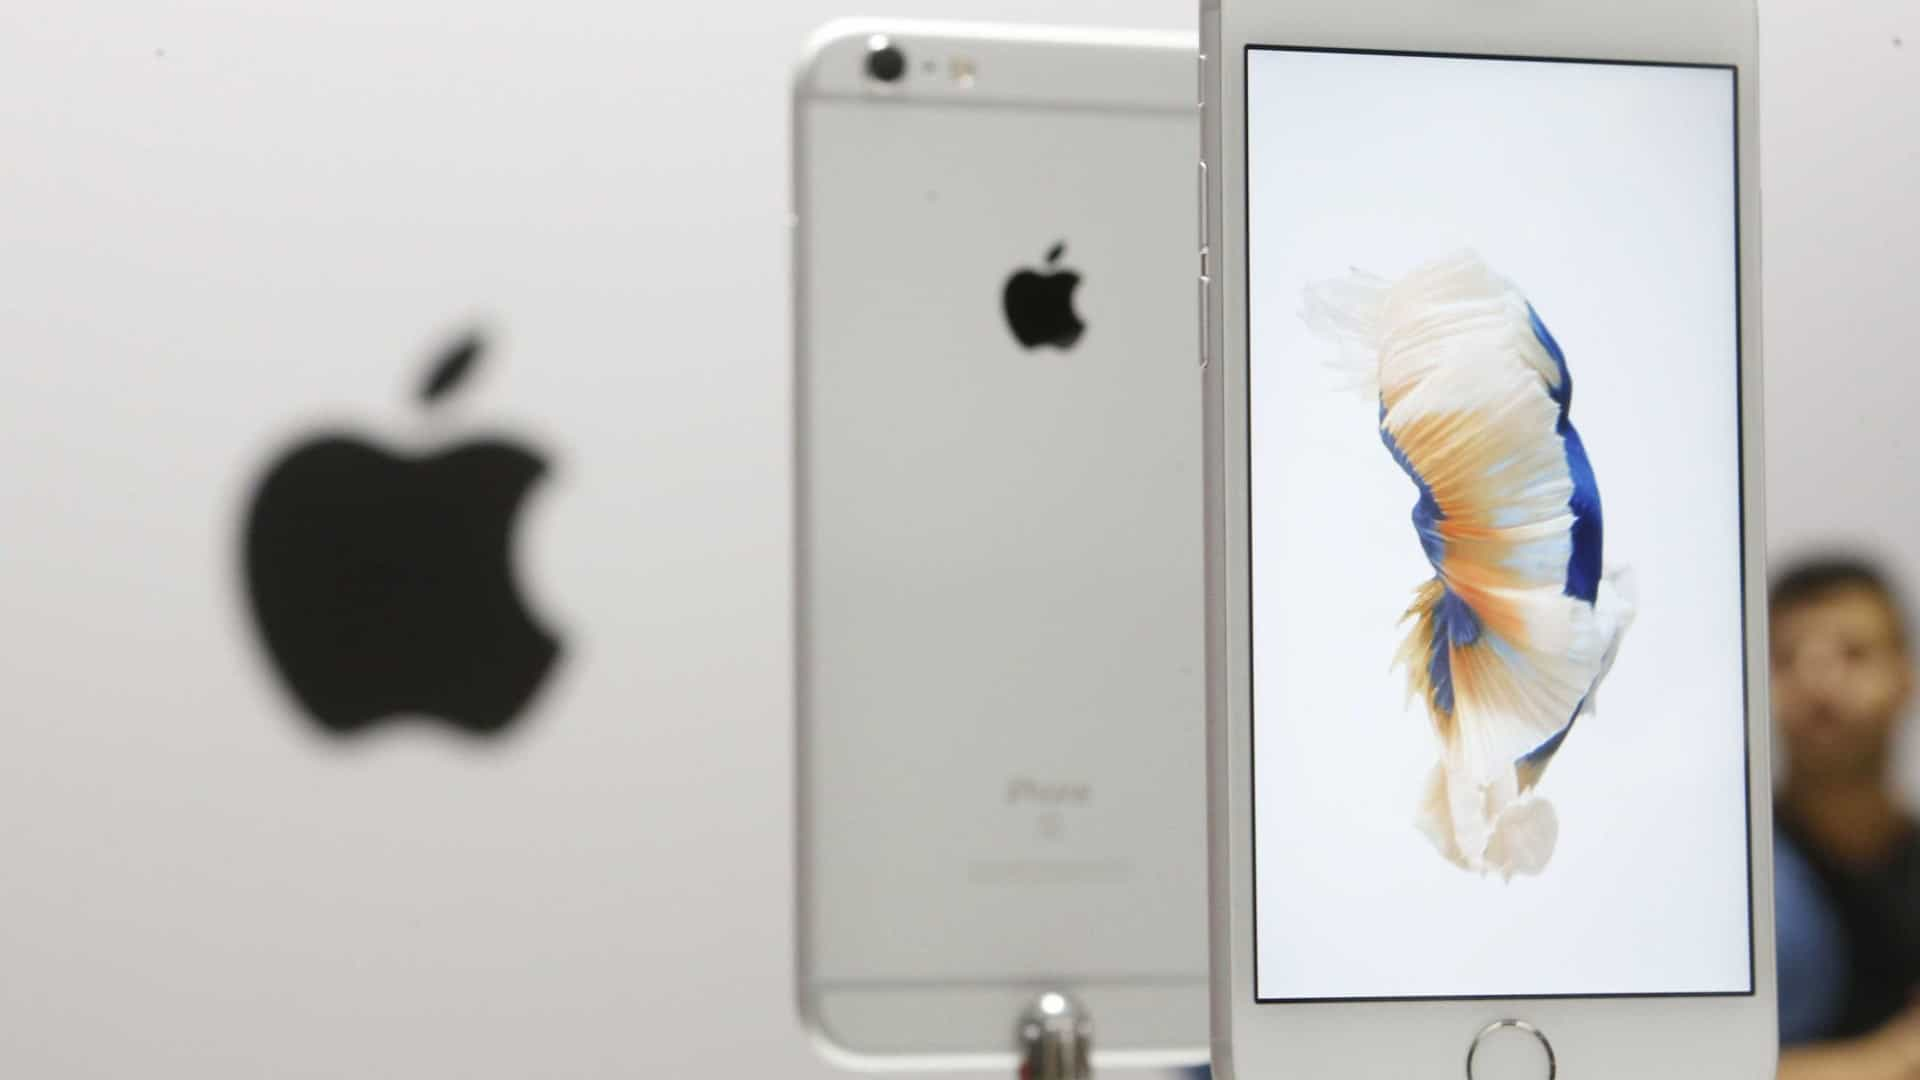 Próxima atualização do iOS pode 'quebrar' quase 200 mil apps